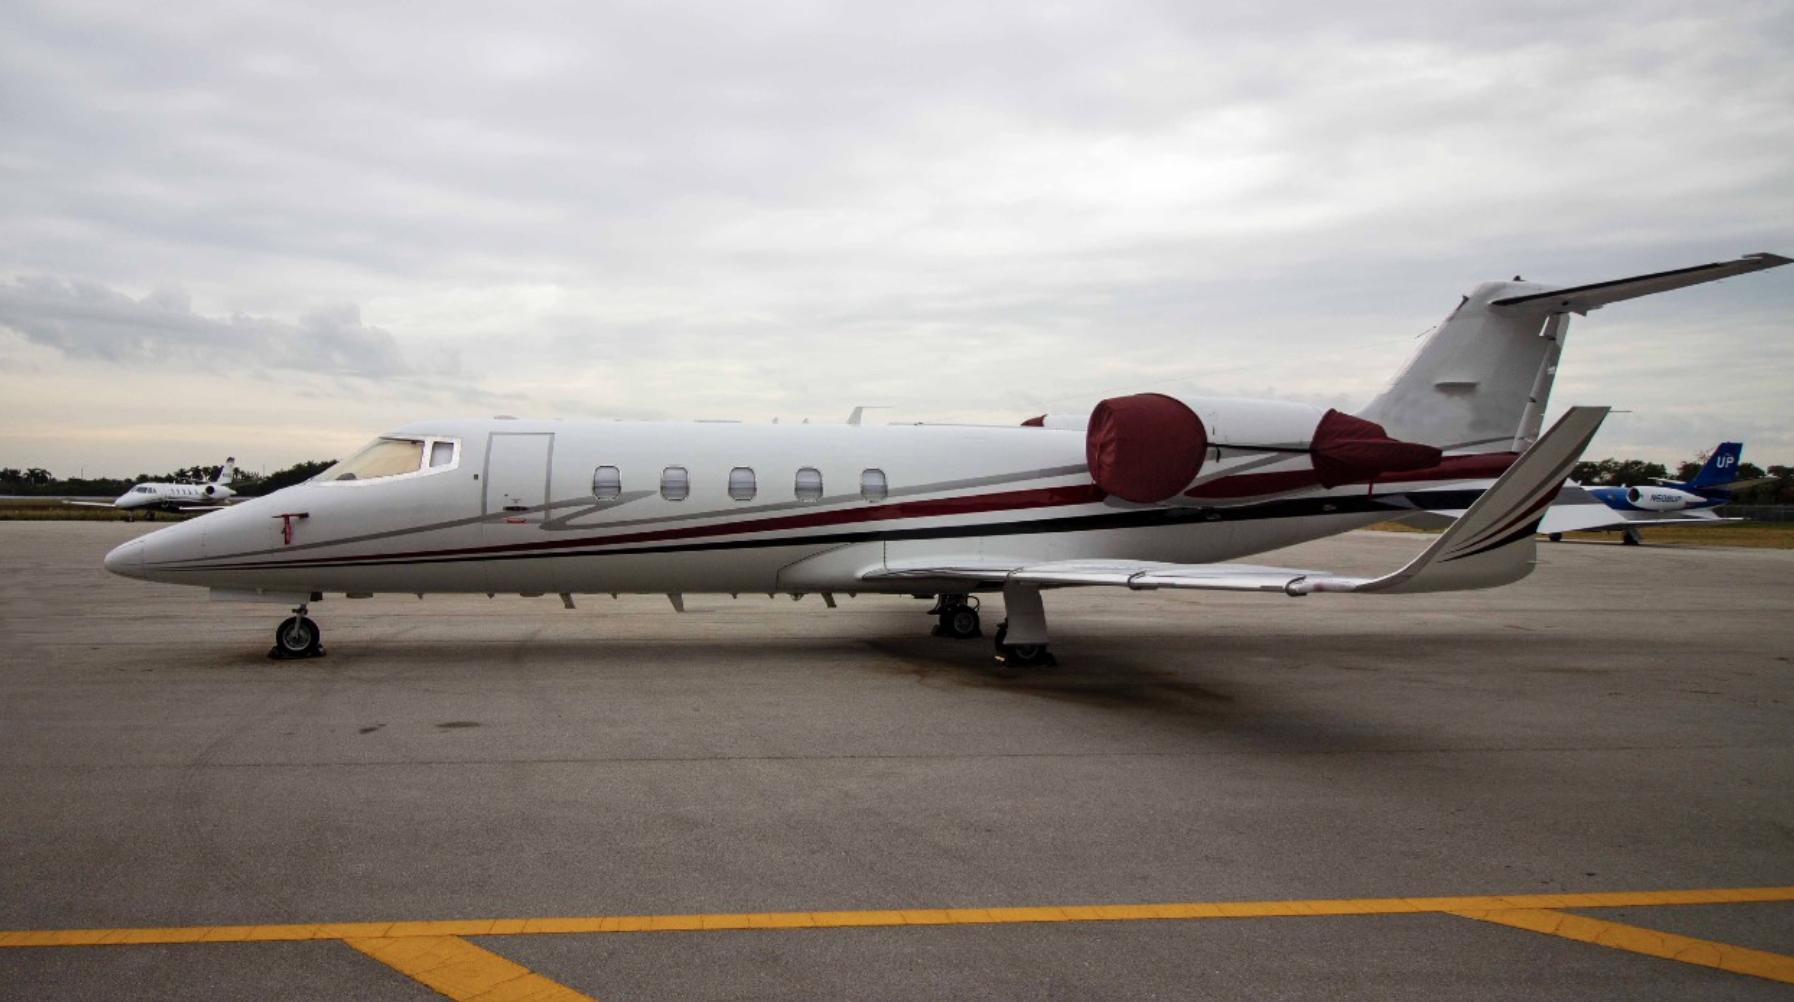 Learjet 60 photo